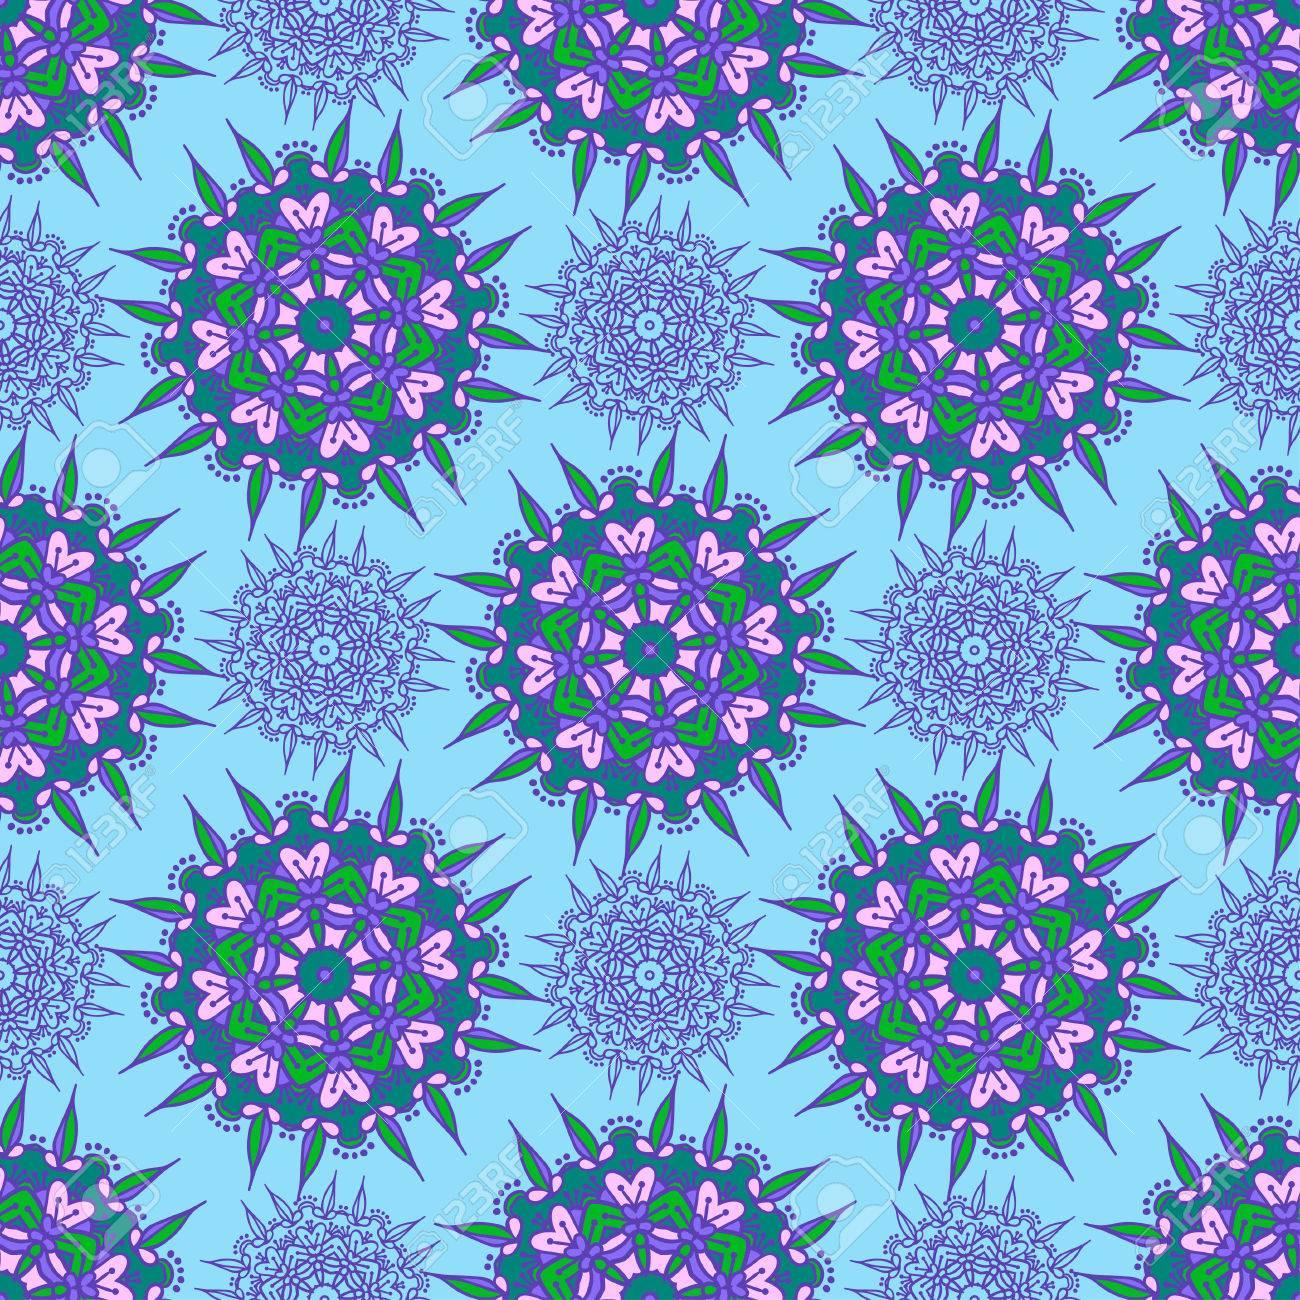 Dessin à La Main Zentangle Couleur Motif Sans Couture Mandala Fleur Illustration Vectorielle Meilleur Pour Votre Design Textiles Affiches Papier